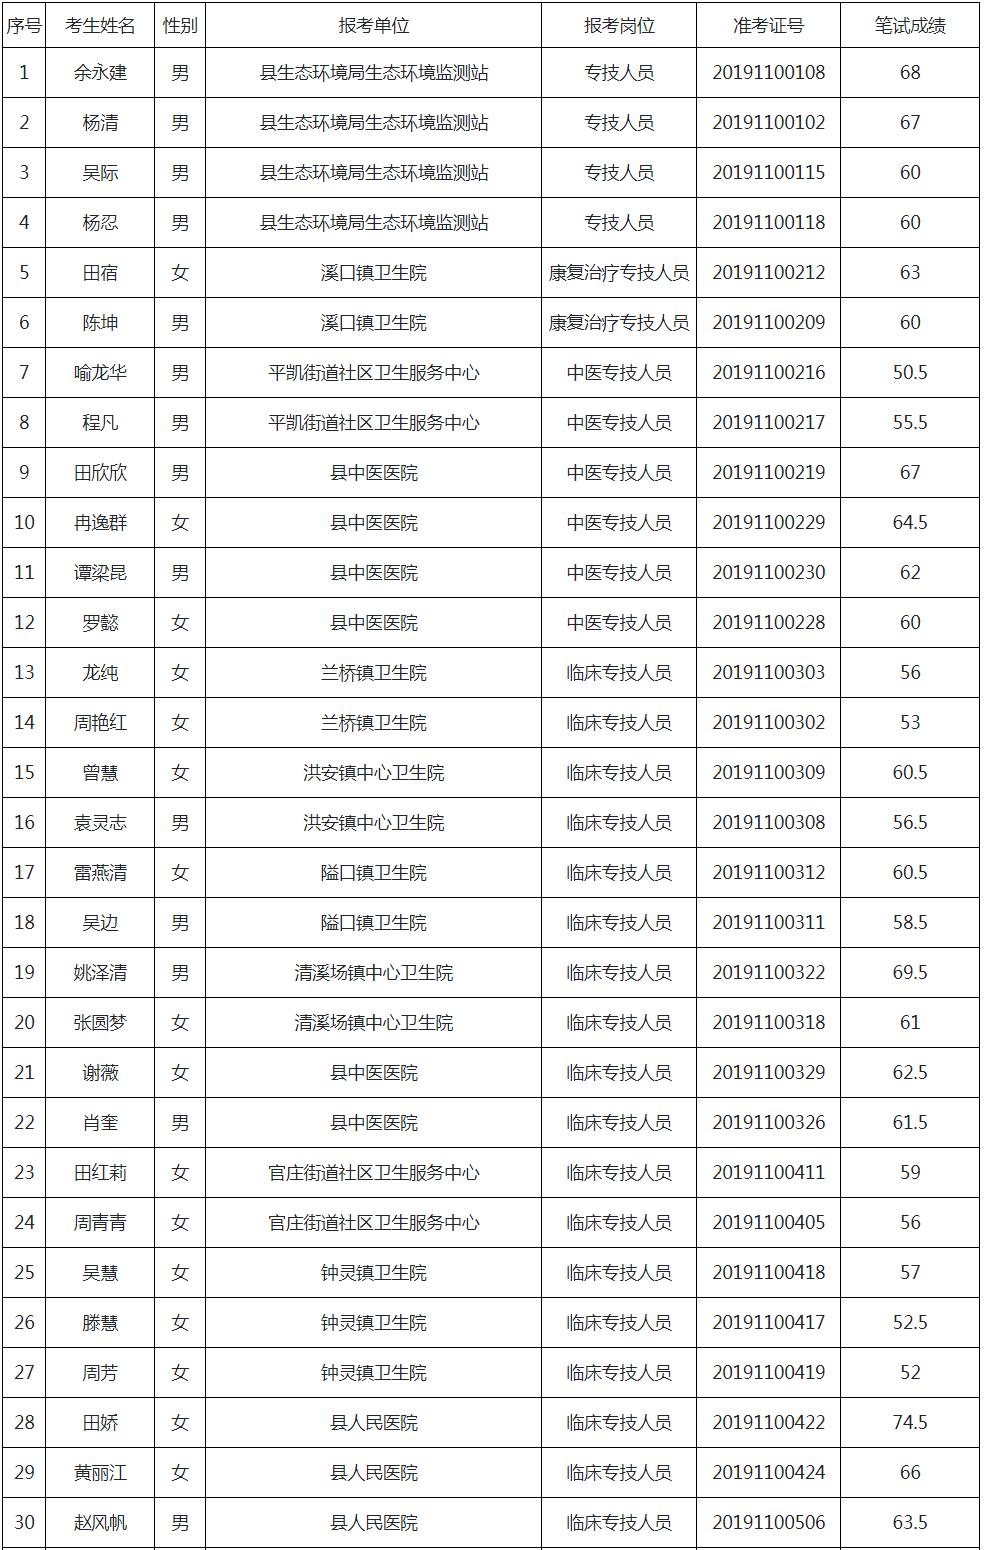 重庆市秀山土家族苗族自治县2019年公开招聘事业单位专业技术人员进入资格审查人员名单